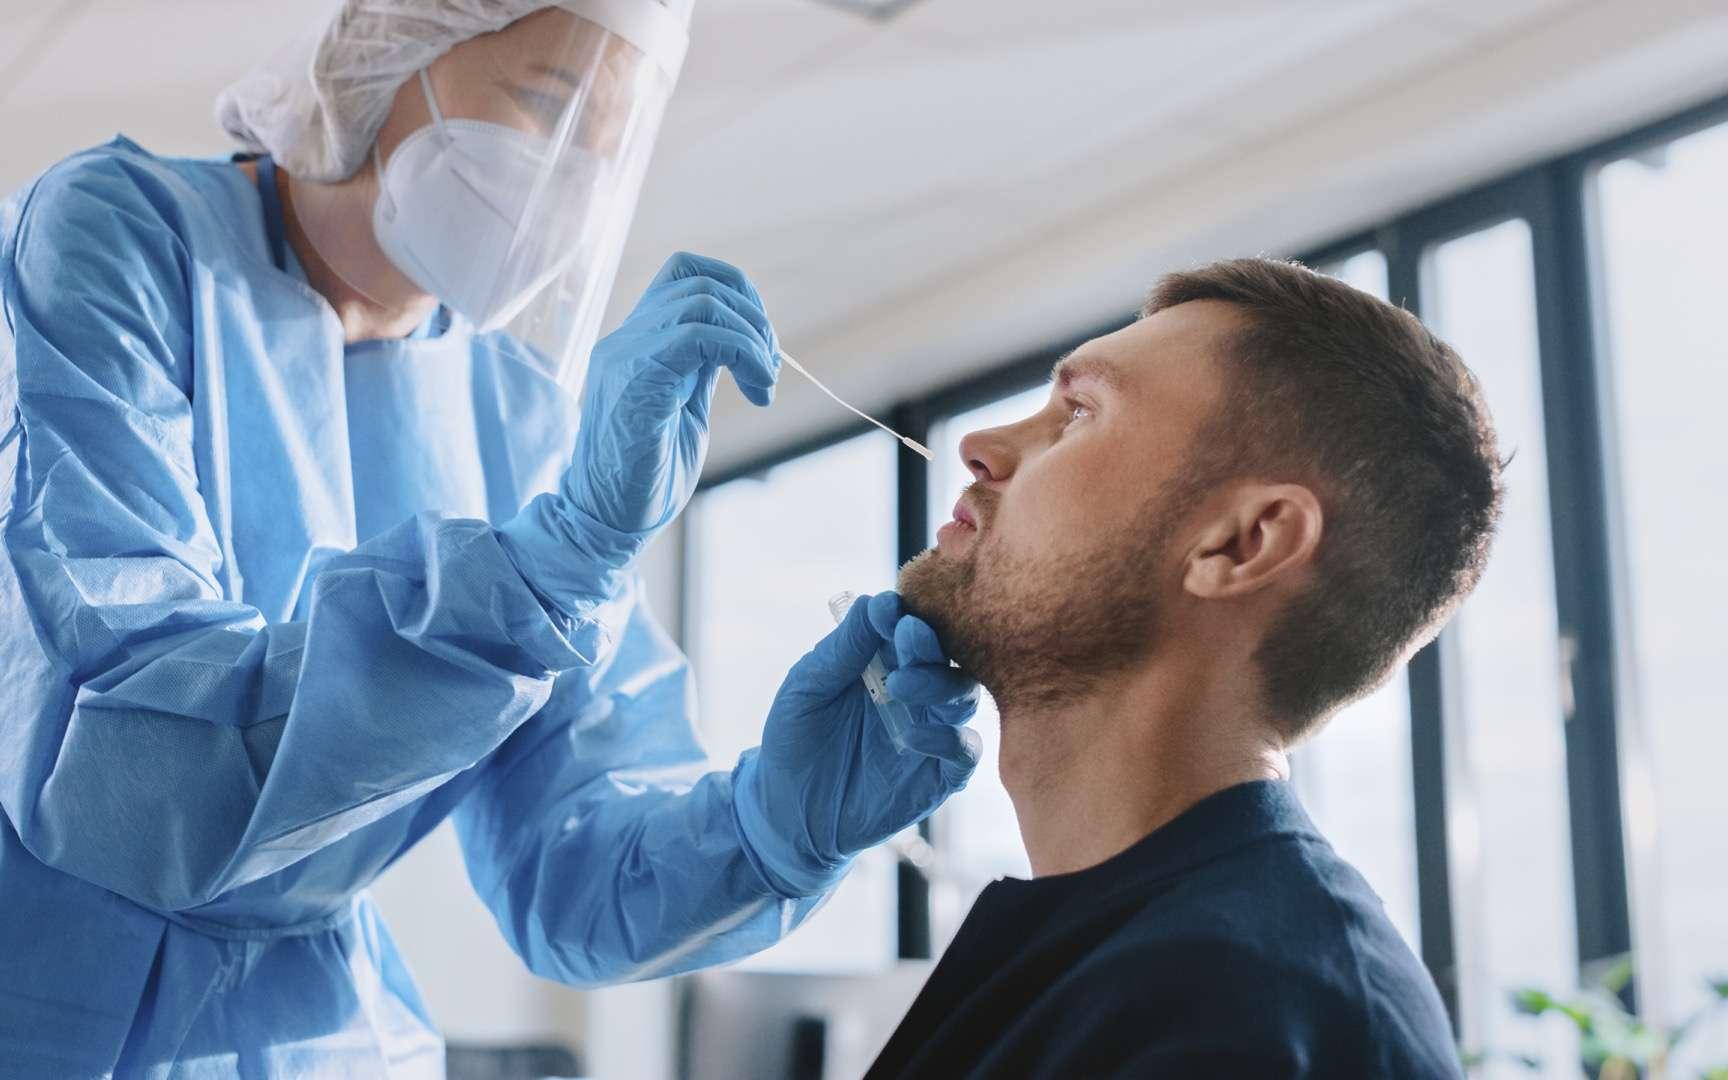 Grâce à une technique innovante, le test PCR et son écouvillon utilisé pour le dépistage du SARS-CoV-2, peuvent également détecter les patients à risque de développer une forme grave de la Covid-19. © Gorodenkoff, Adobe Stock